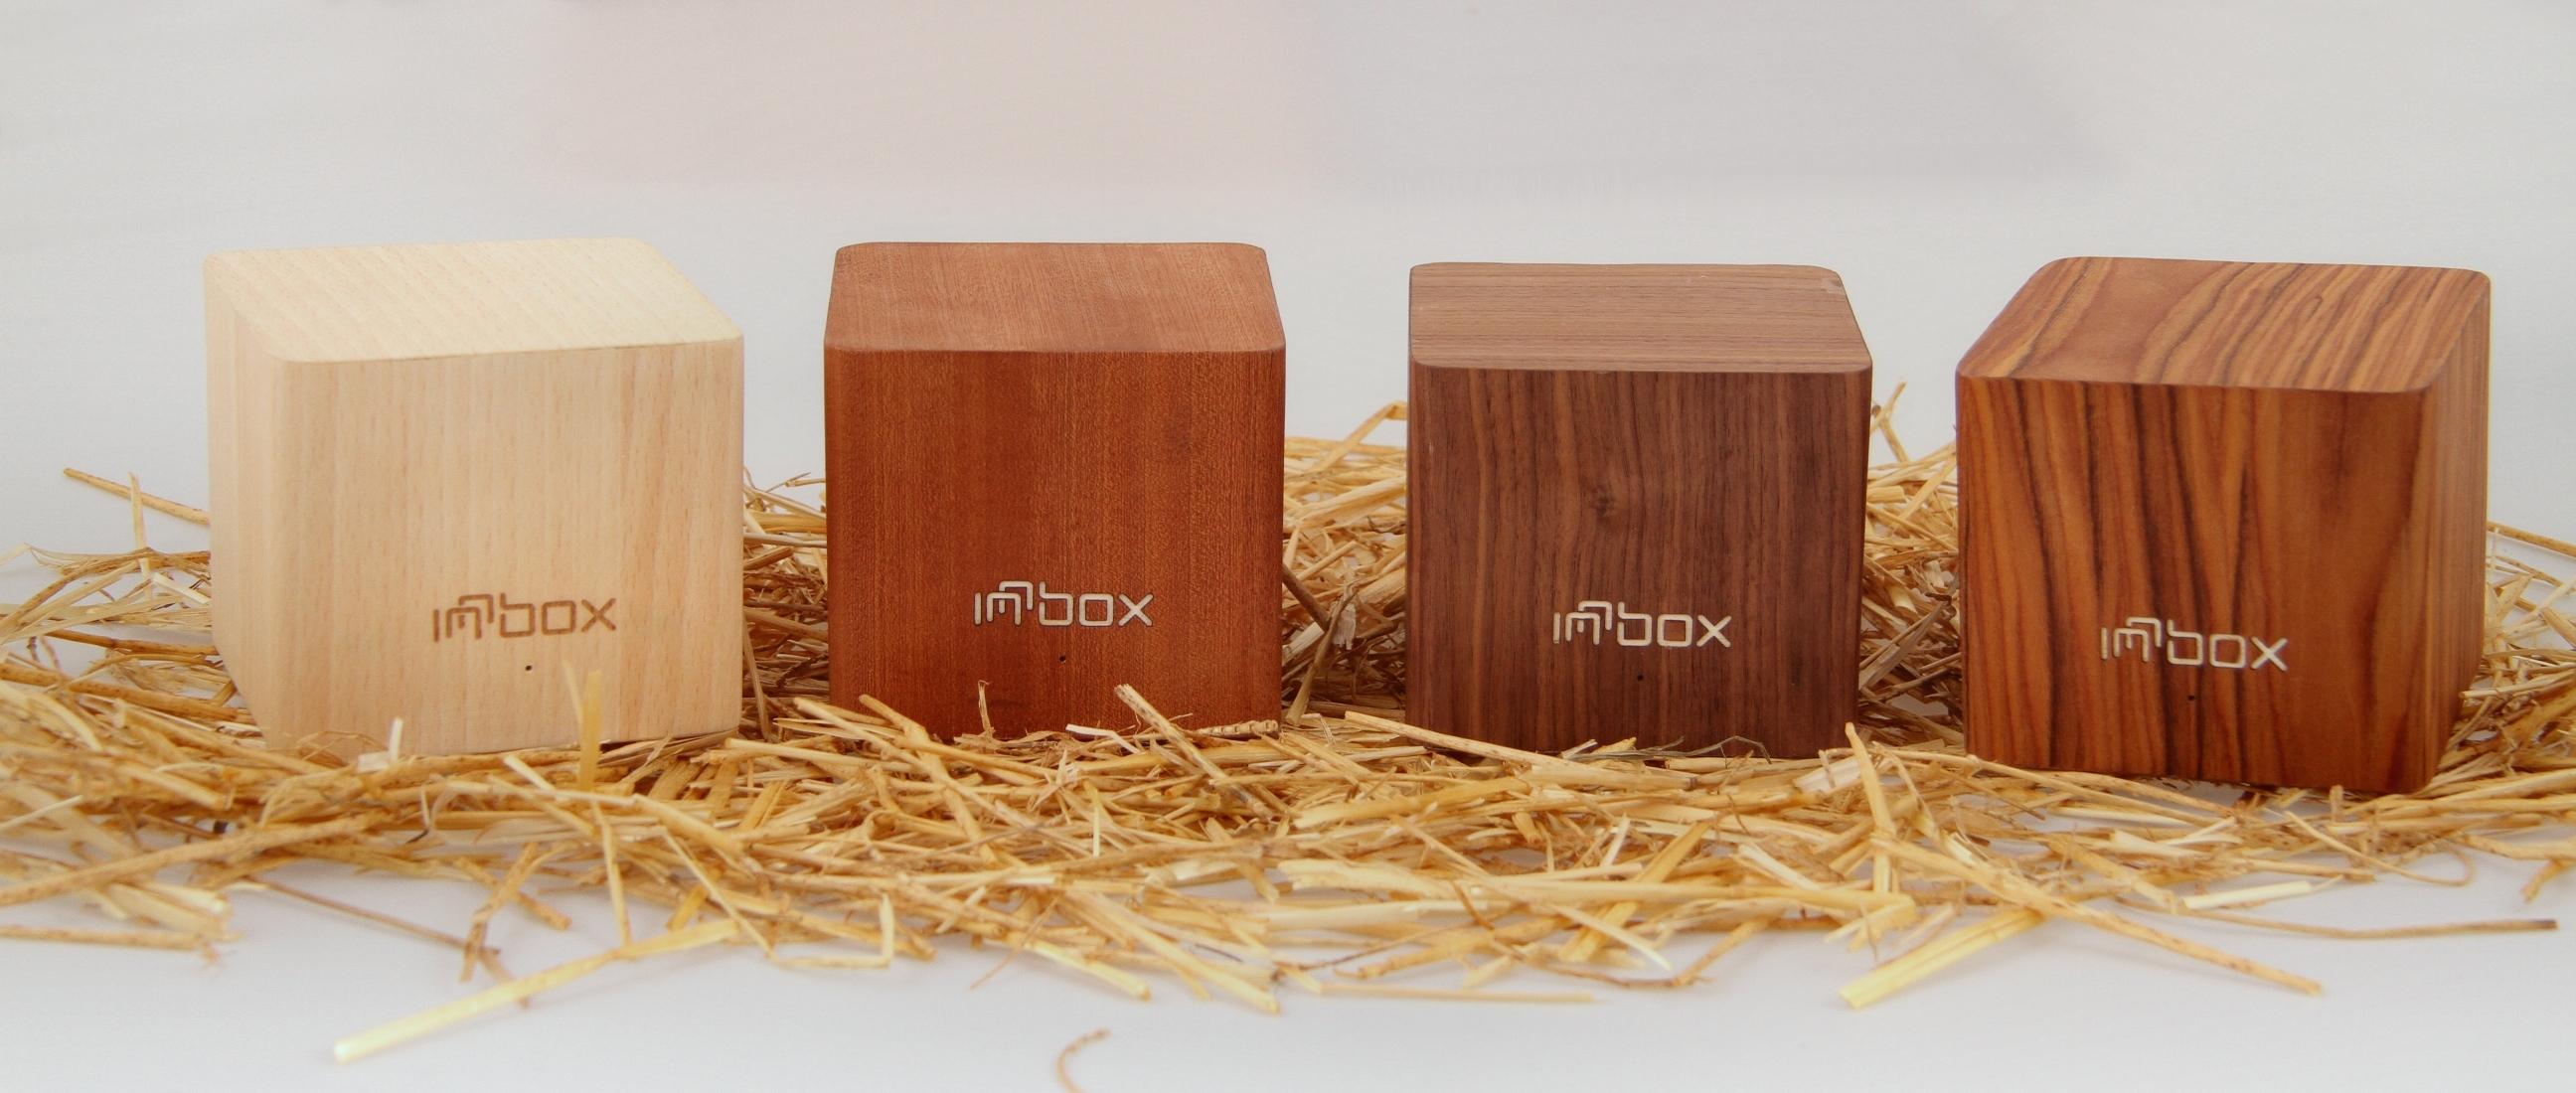 Zlato priznanje je prejela inovacija Innbox Mesh operaterska rešitev razprostrtega omrežja Gašperja Berčiča in ekipe, ki se bo potegovala tudi za priznanje na nacionalnem nivoju, v novembru.